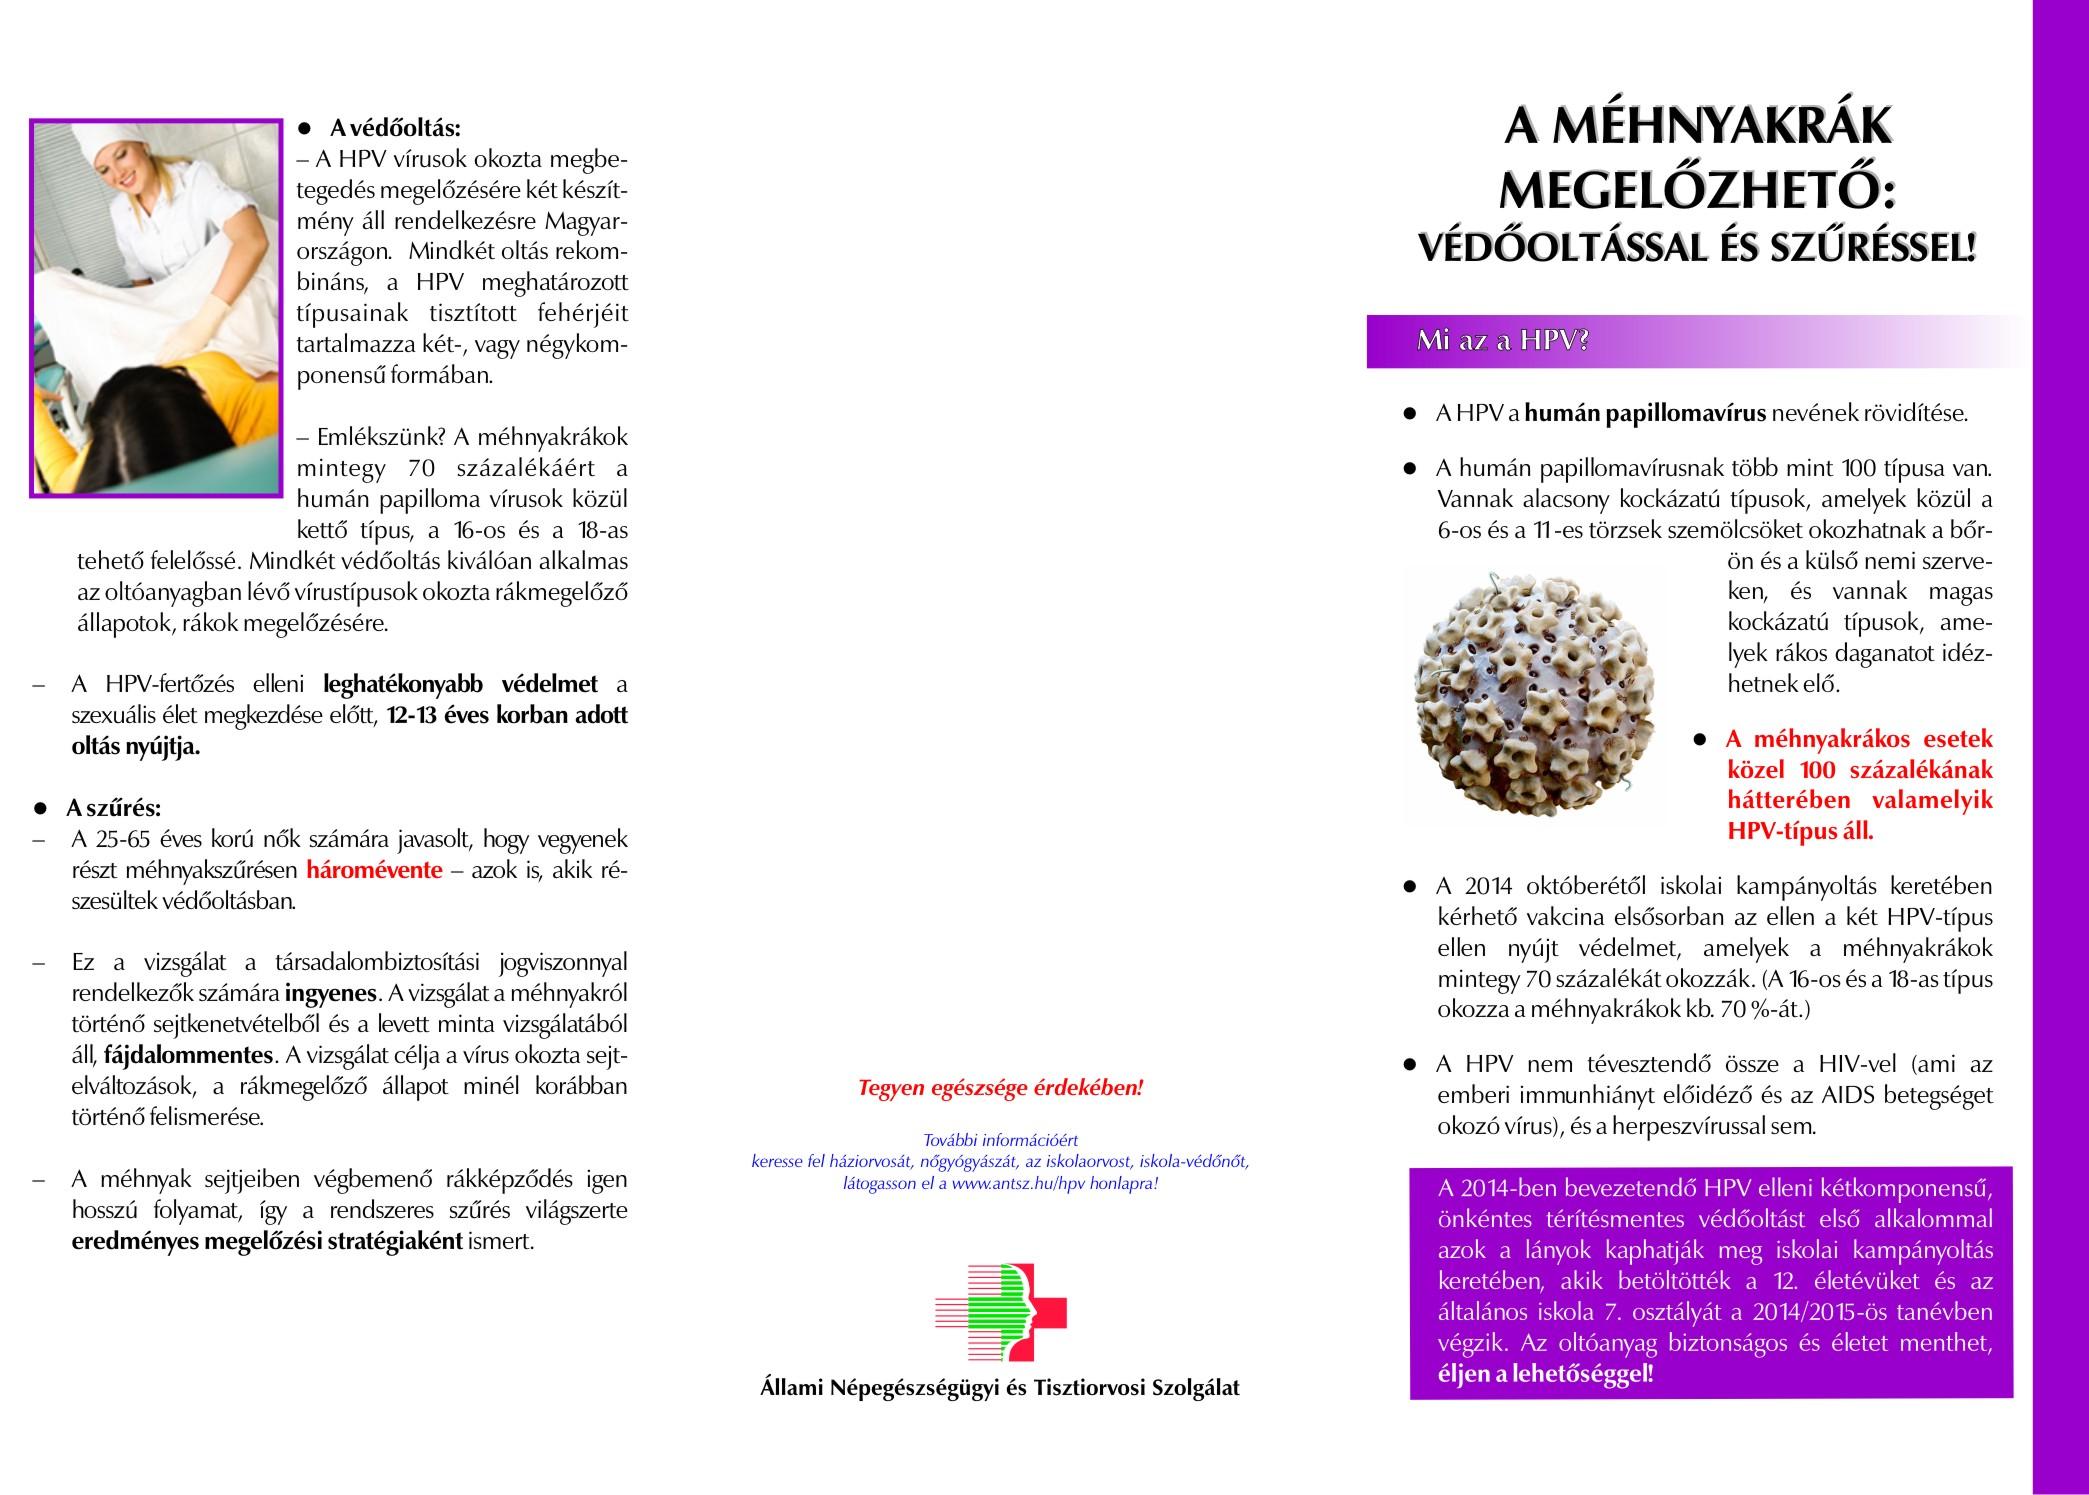 Papillomavírus vakcina ember mellékhatásai. Mekkora a veszély?